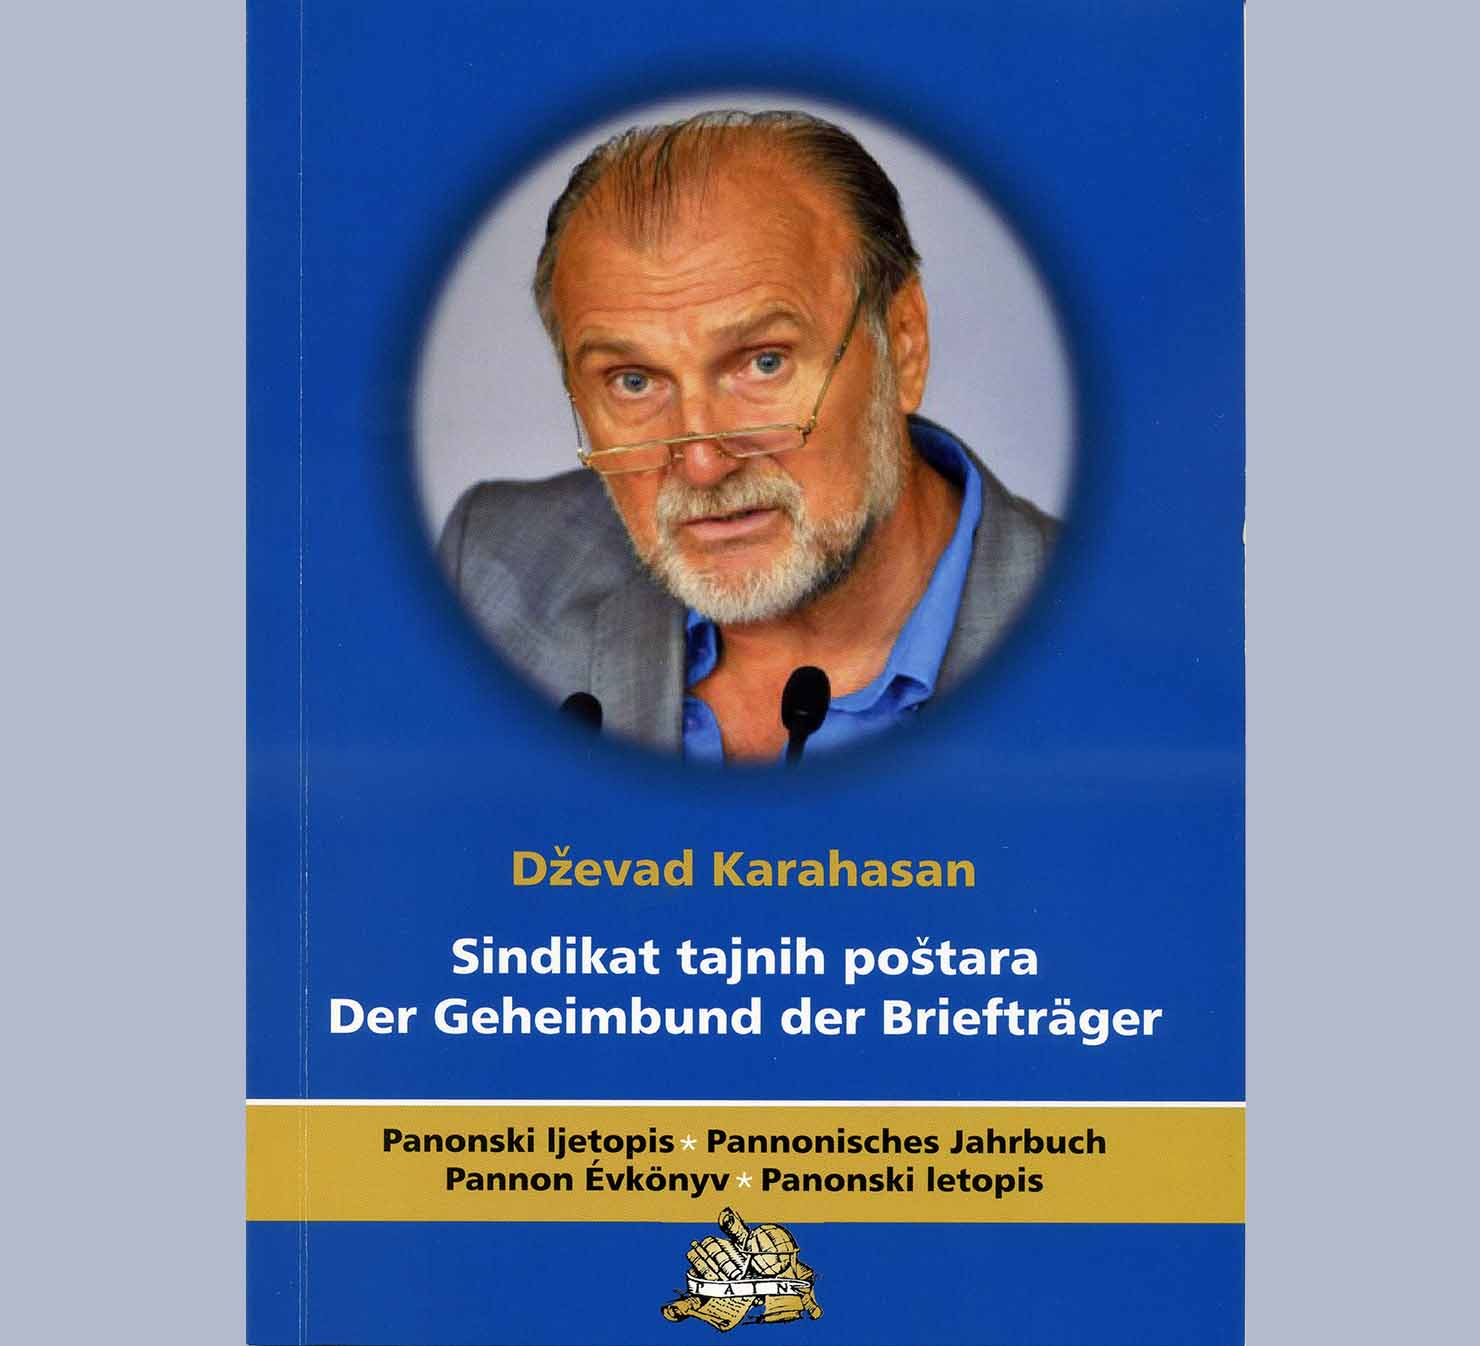 01 Naslovnica knjige Dževada Karahasana